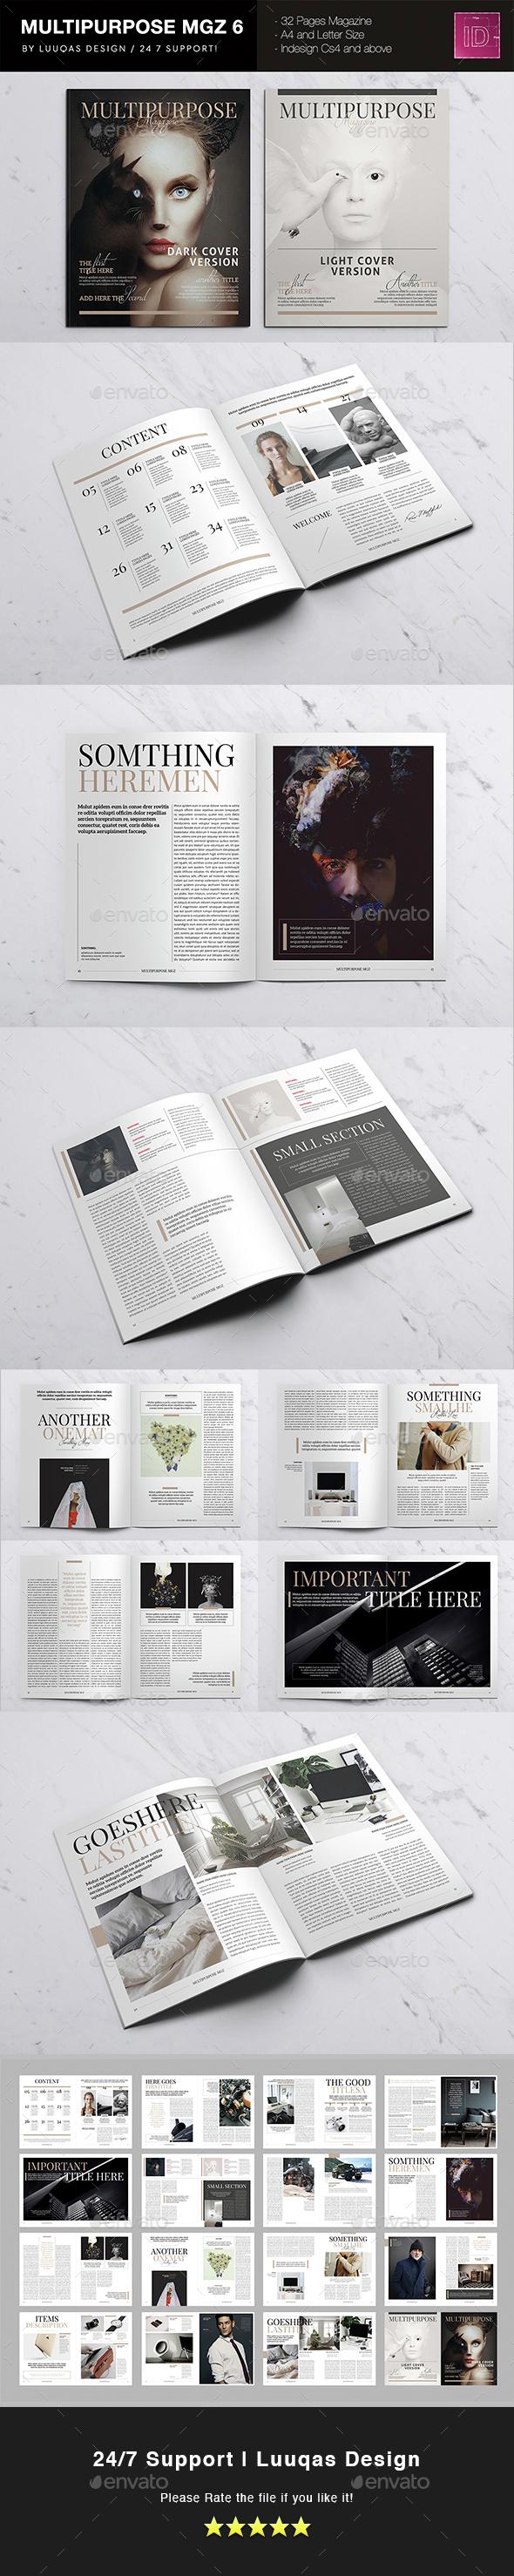 Multipurpose Magazine 6 - Magazines Print Templates